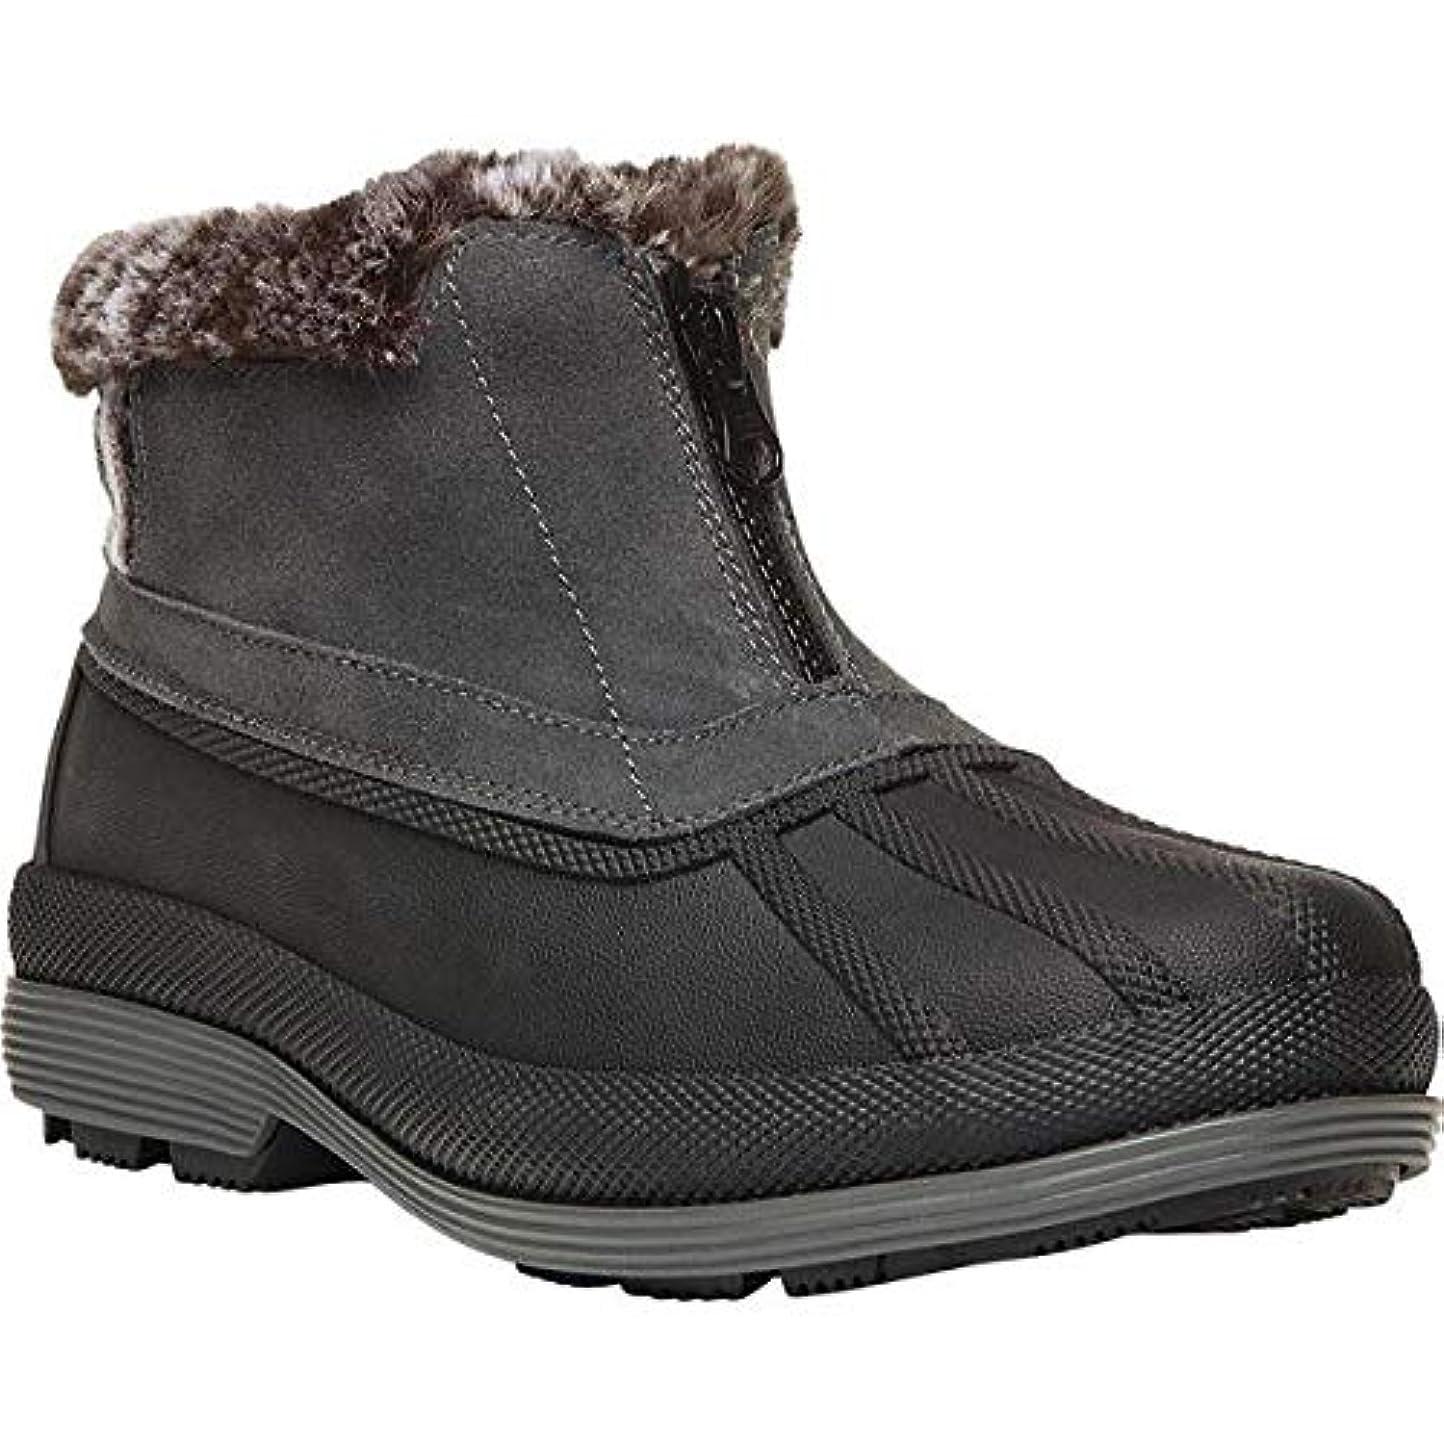 破滅的なあまりにも健全[プロペット] レディース ブーツ&レインブーツ Lumi Ankle Zip Duck Boot [並行輸入品]